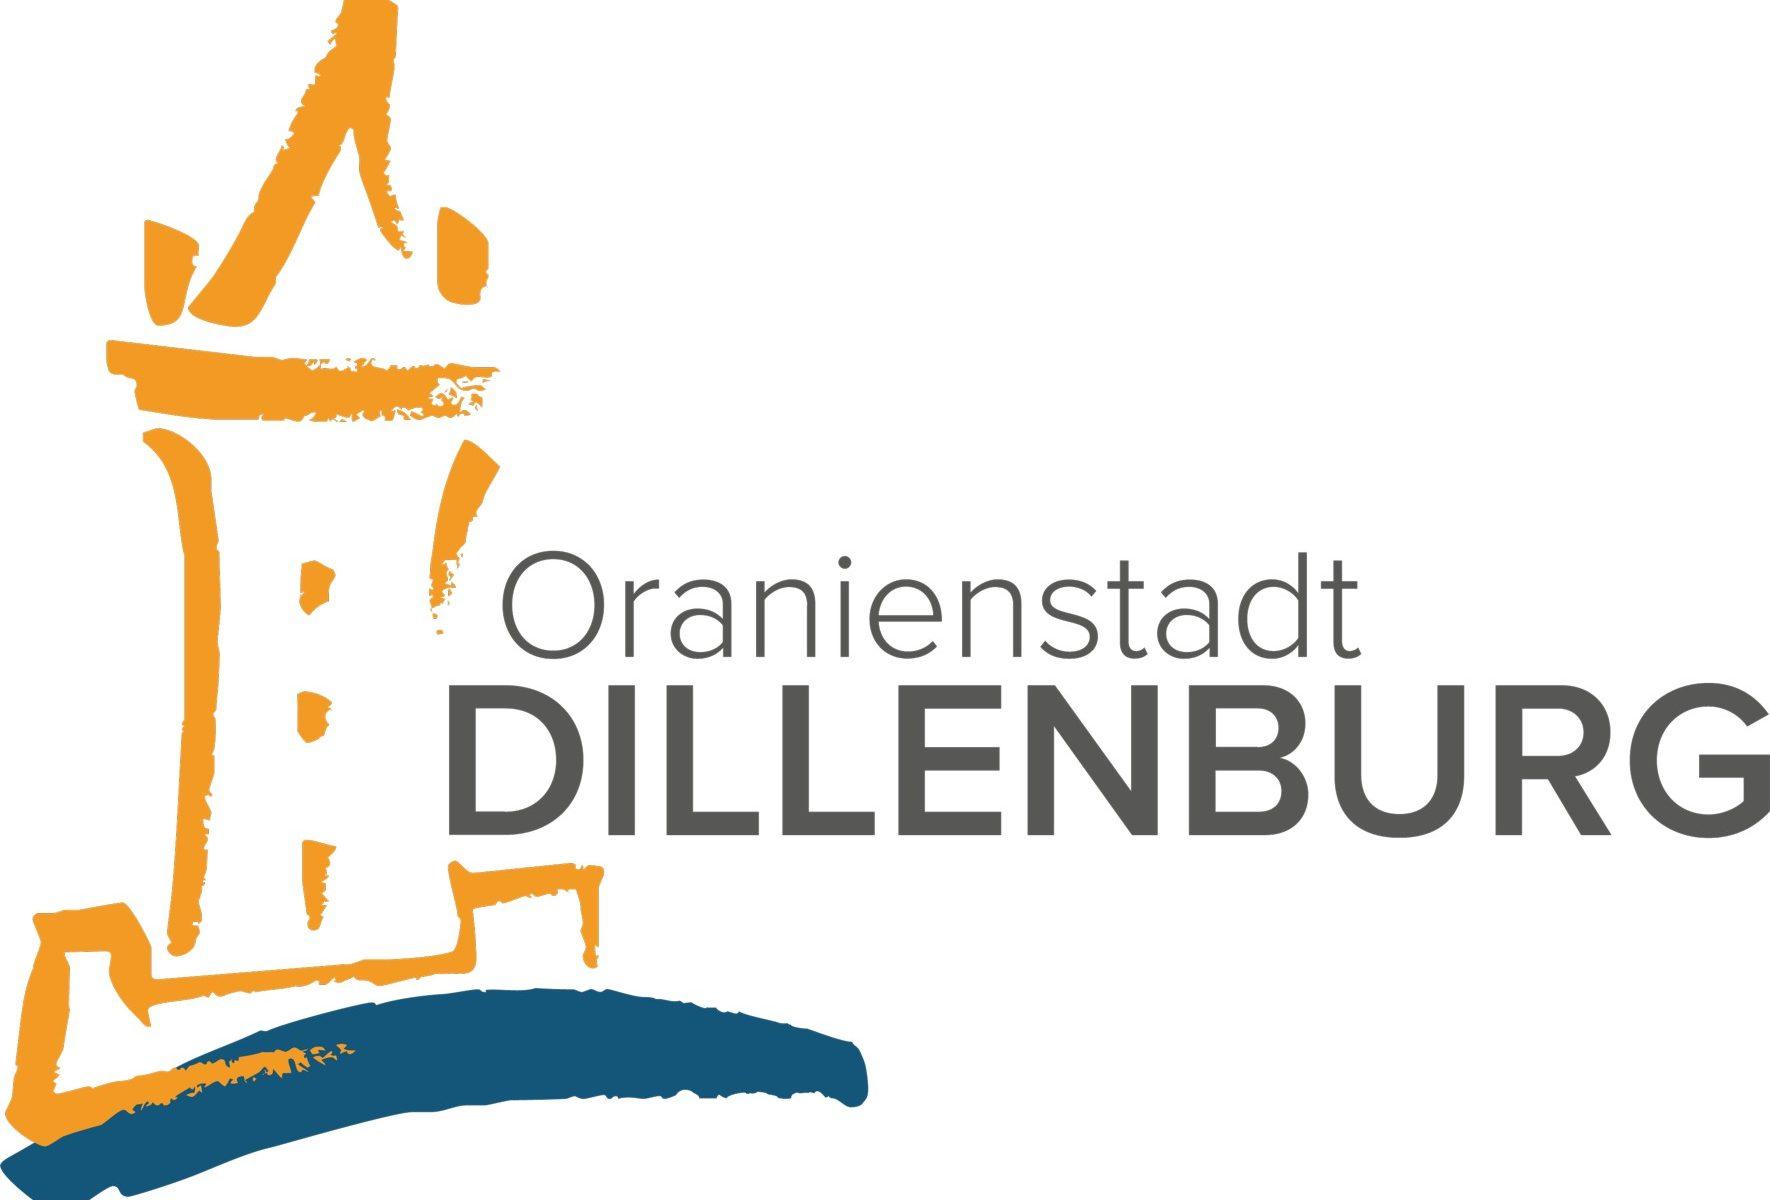 Logo der Oranienstadt Dillenburg